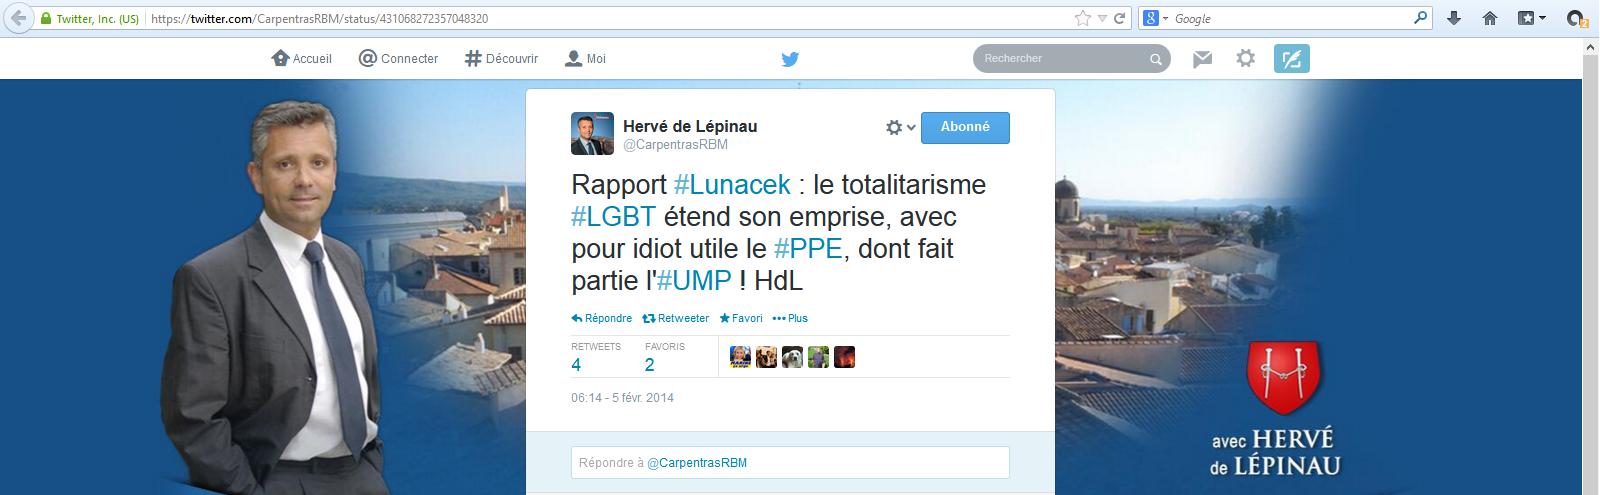 Herve-de-Lepinau-Totalitarisme-LGBT